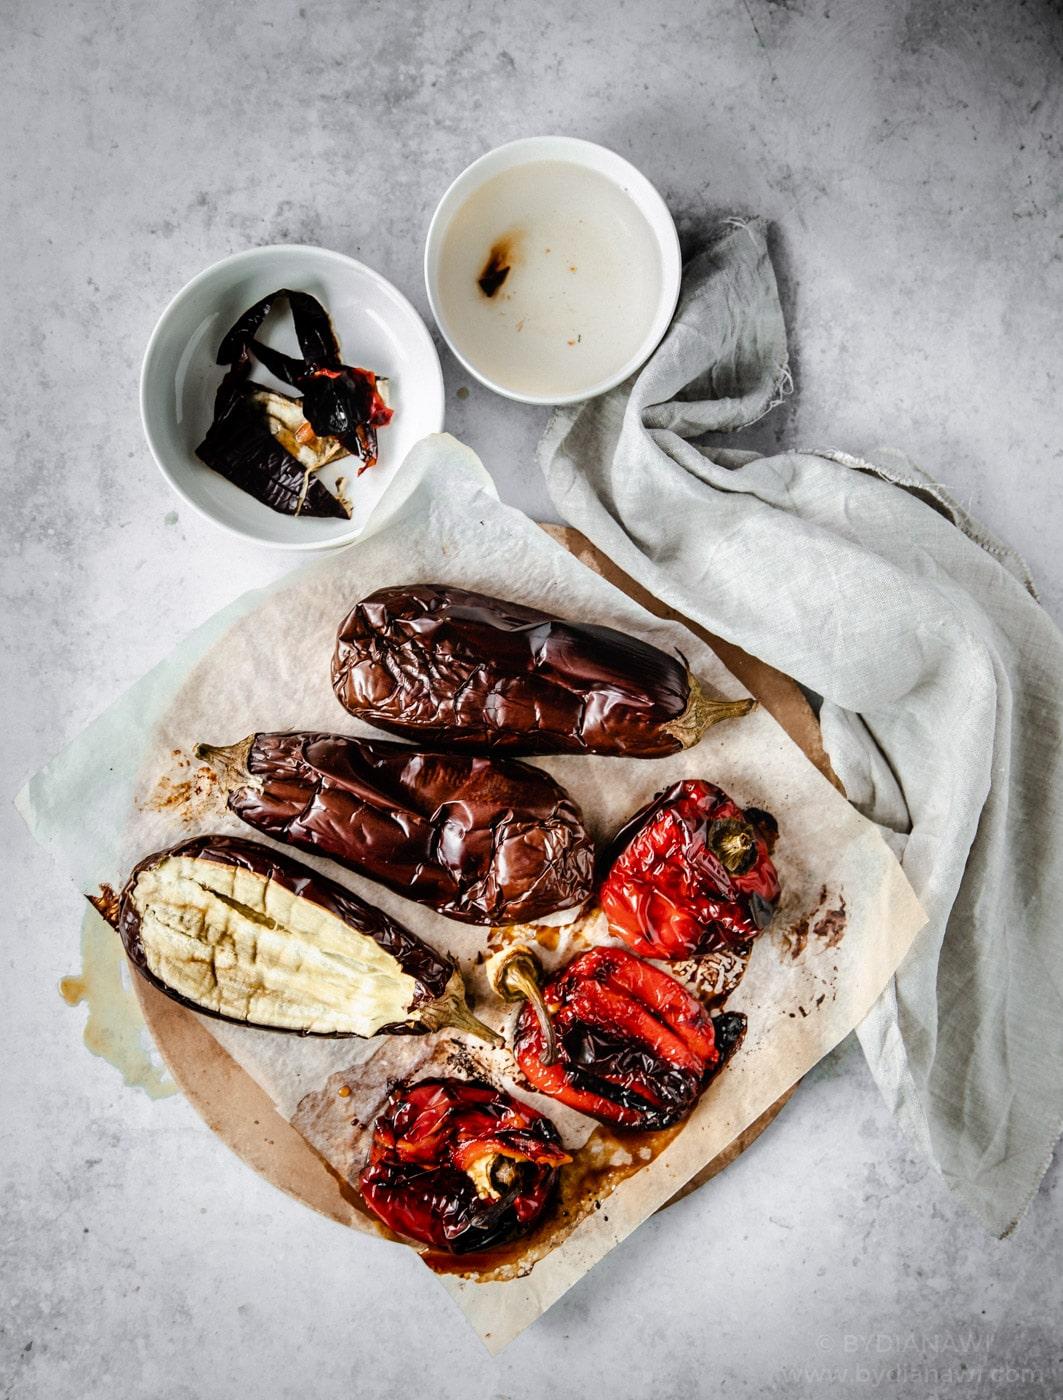 auberginesalat, opskrifter med aubergine, tilbehør til grill